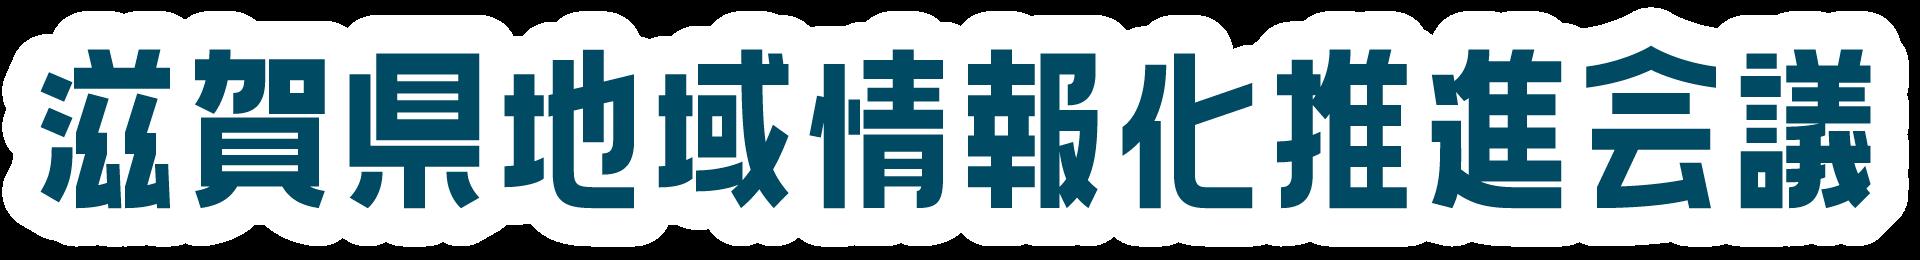 滋賀県地域情報化推進会議